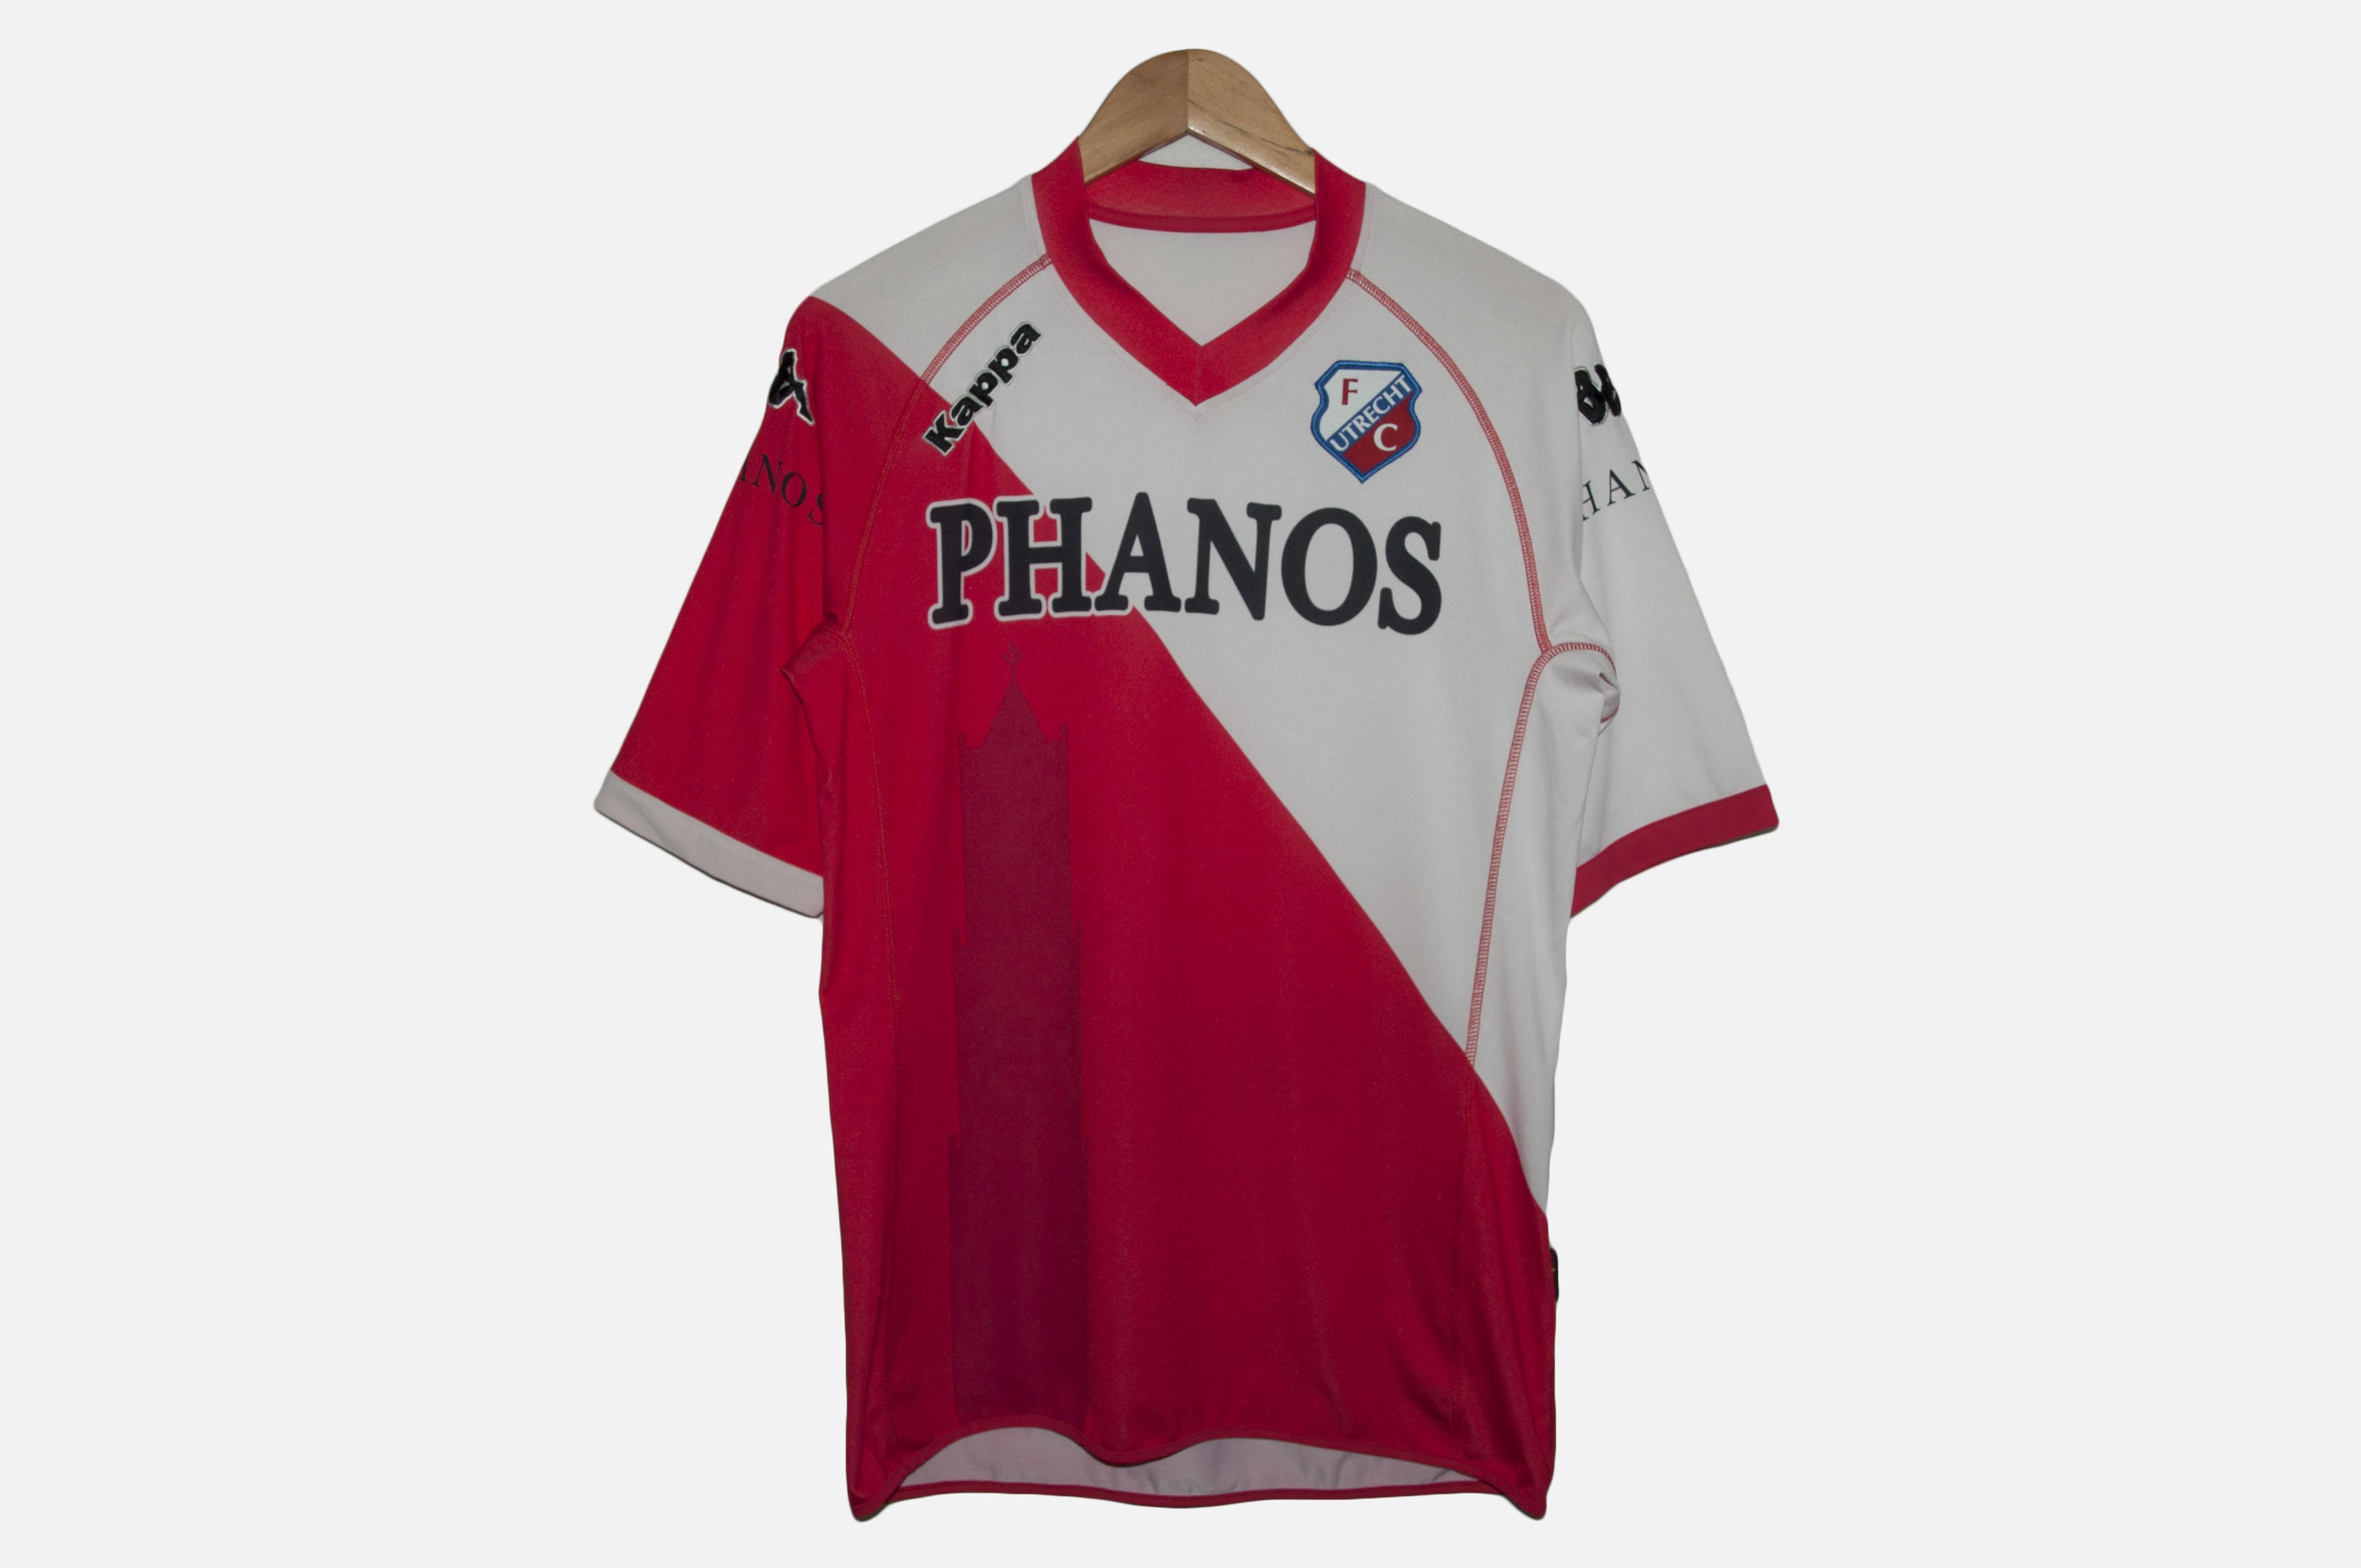 fc utrecht home football shirt 2009 10 jersey kappa size l